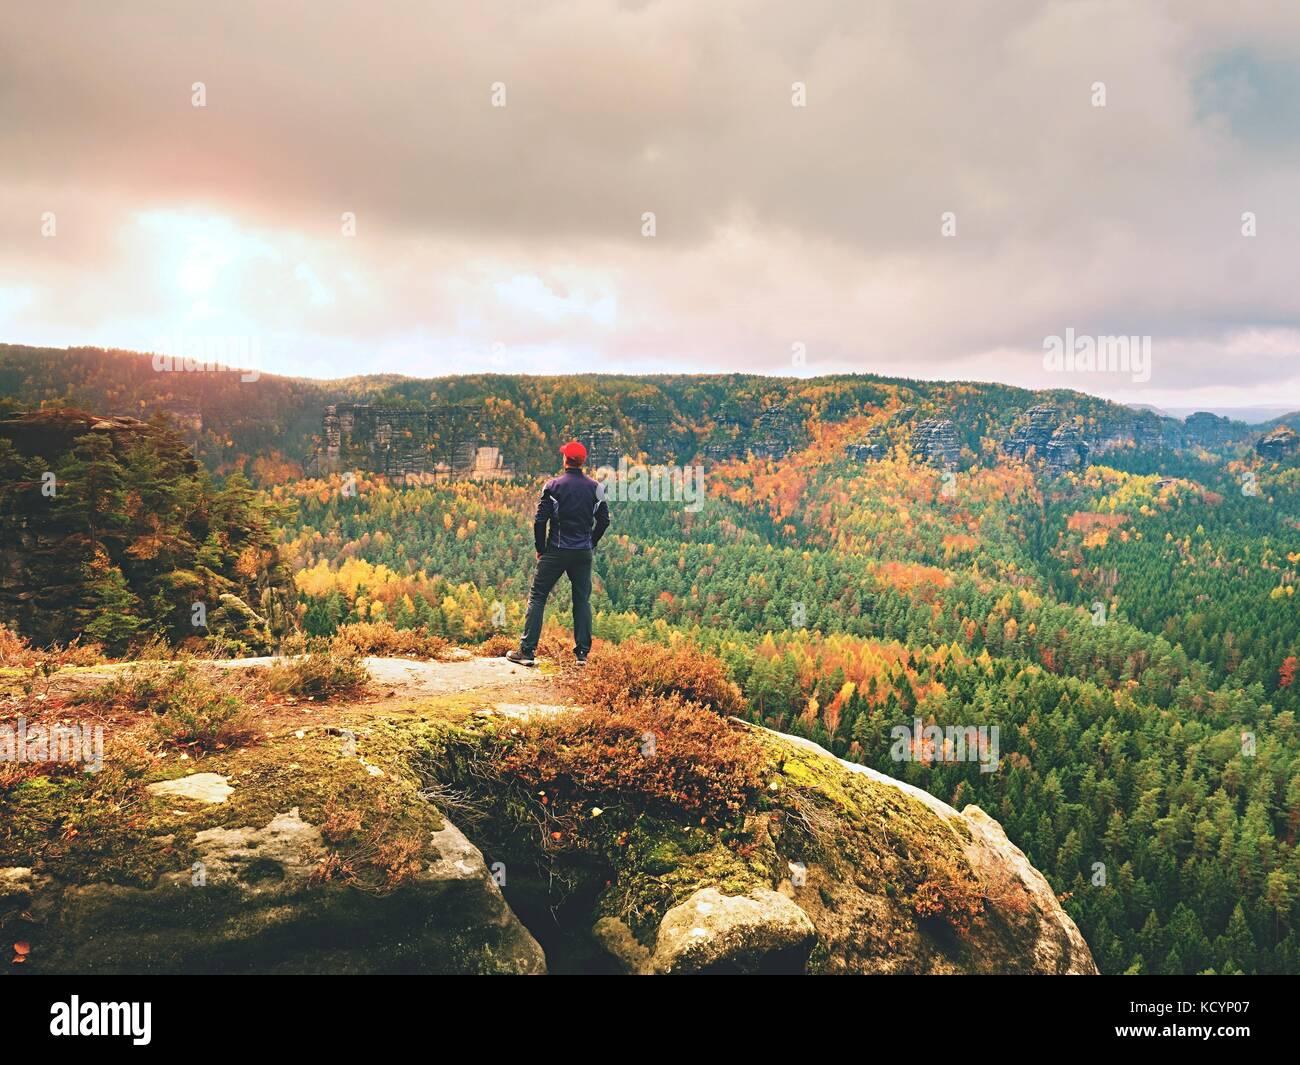 Solo turista con piscina deportiva y la mochila de pie en borde del acantilado y viendo en otoño colorido valle Imagen De Stock